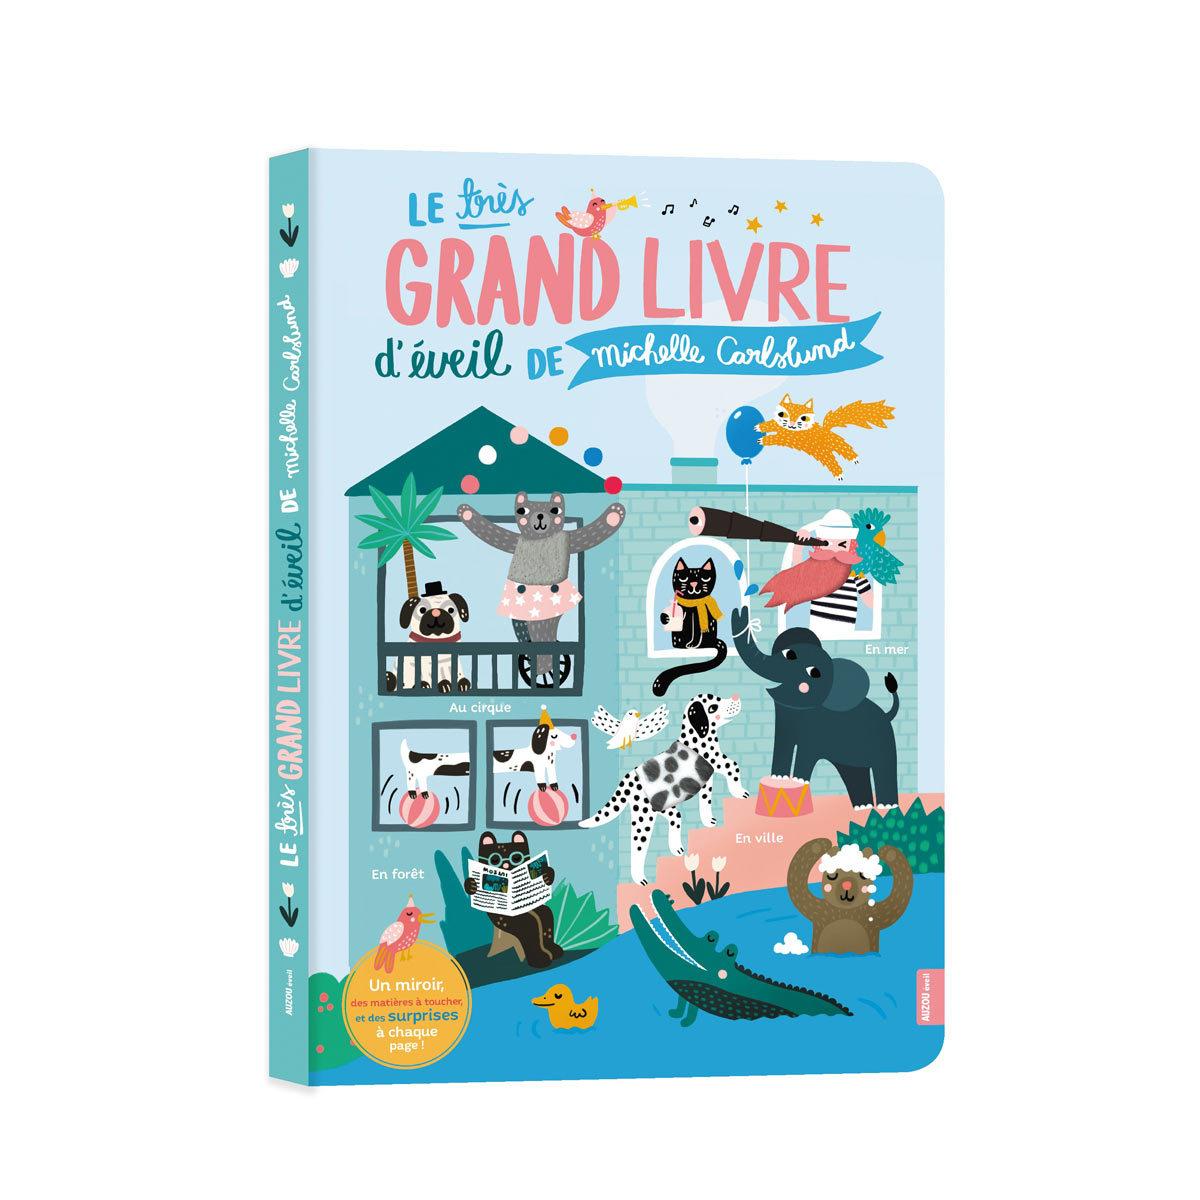 Livre & Carte Le Très Grand Livre d'Eveil de Michelle Carlslund